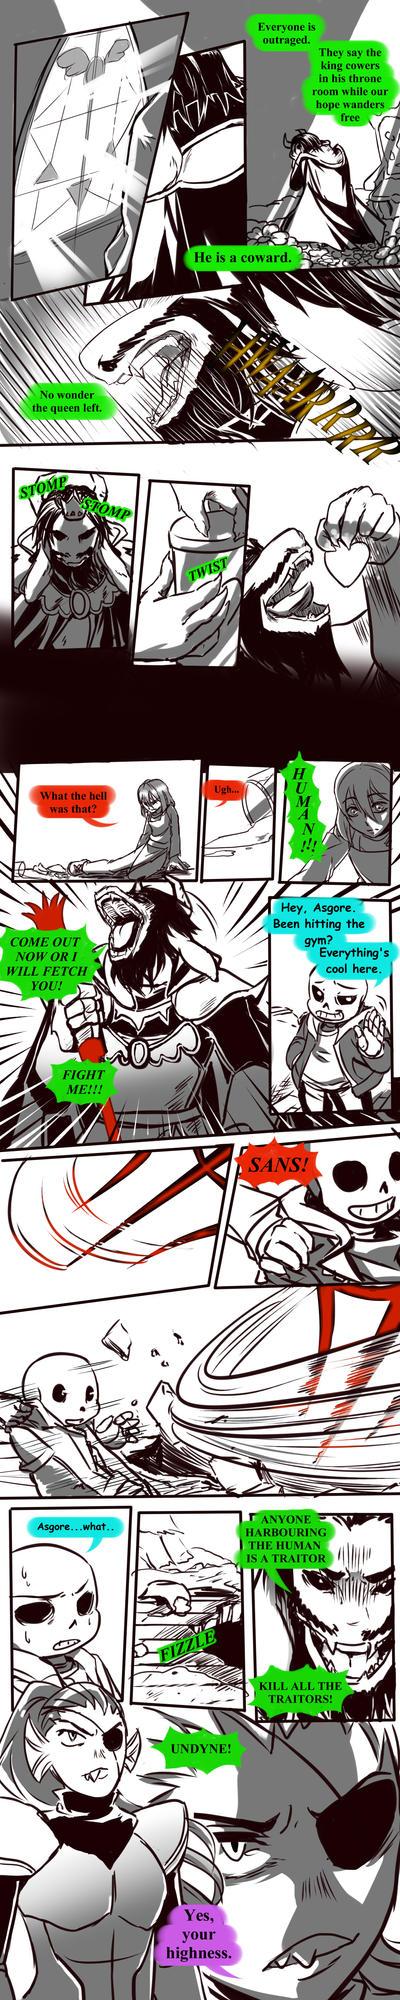 Failed Genocide! Undertale Gauntlet Throne Pt 2 by KuraiDraws